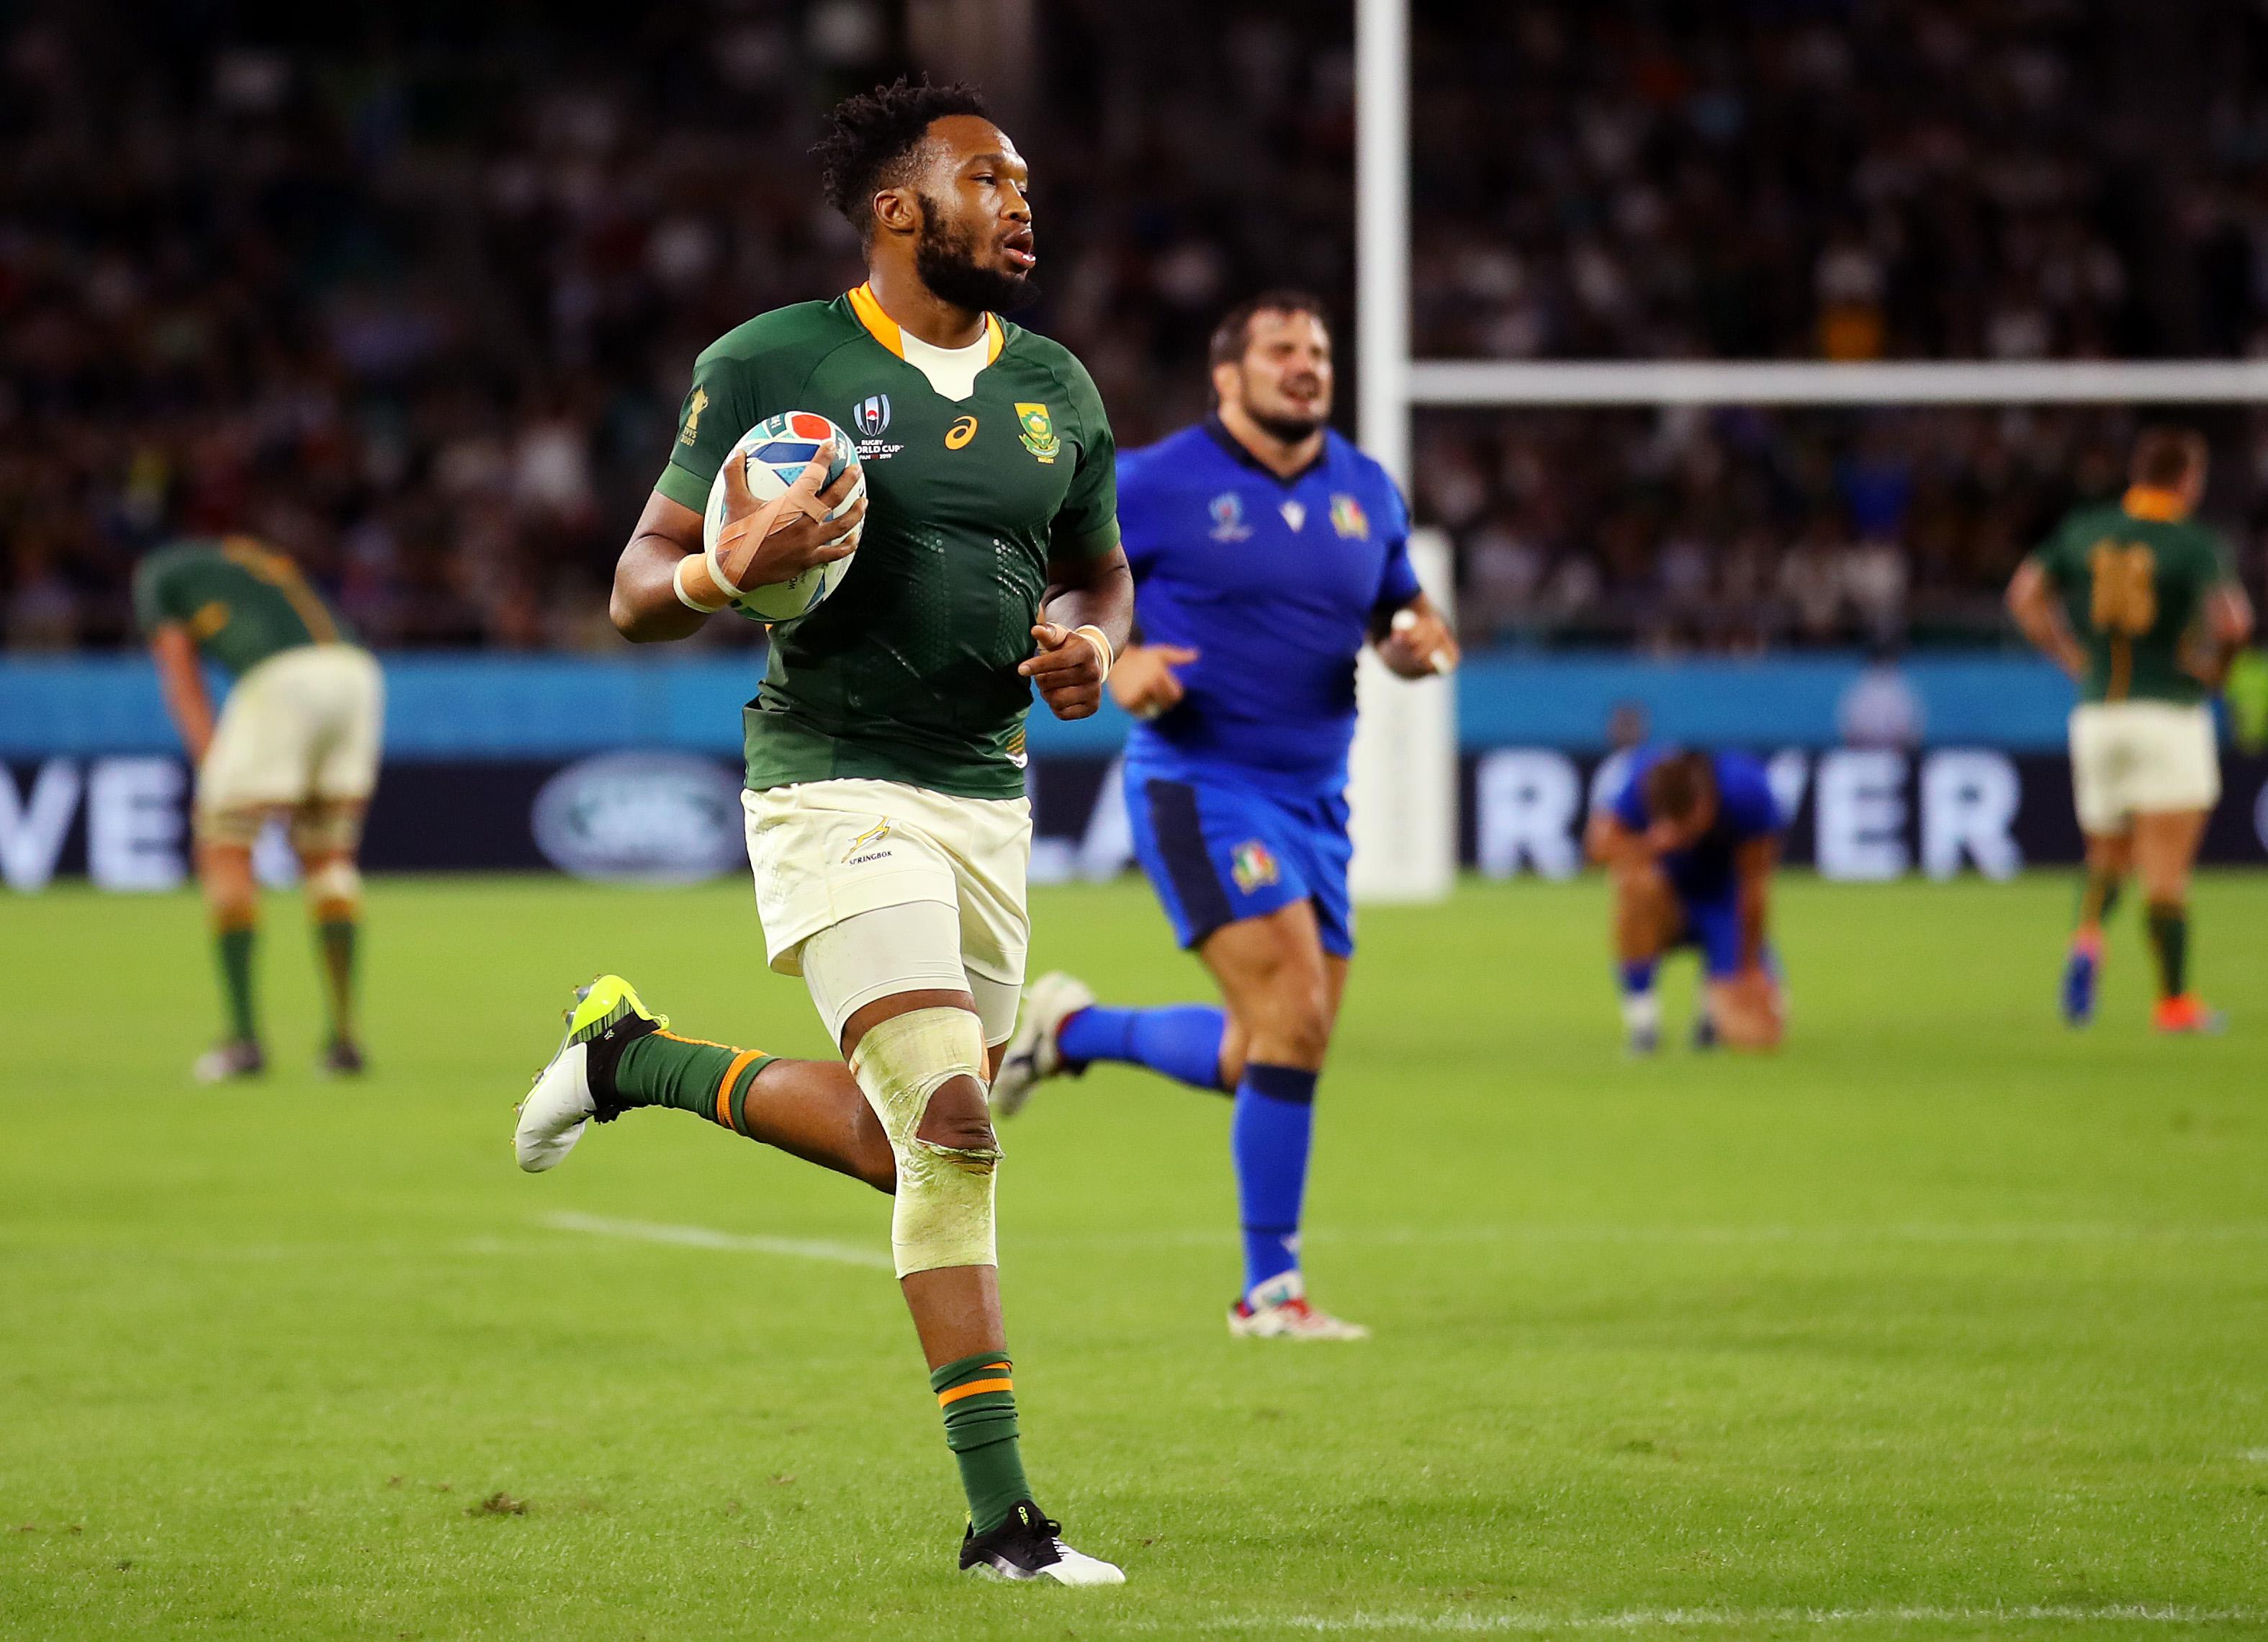 南アフリカ代表 ルカニョ・アムが準々決勝へ意気込み 「日本がいかに成長してきたかを、僕らは目の当たりにした」 画像